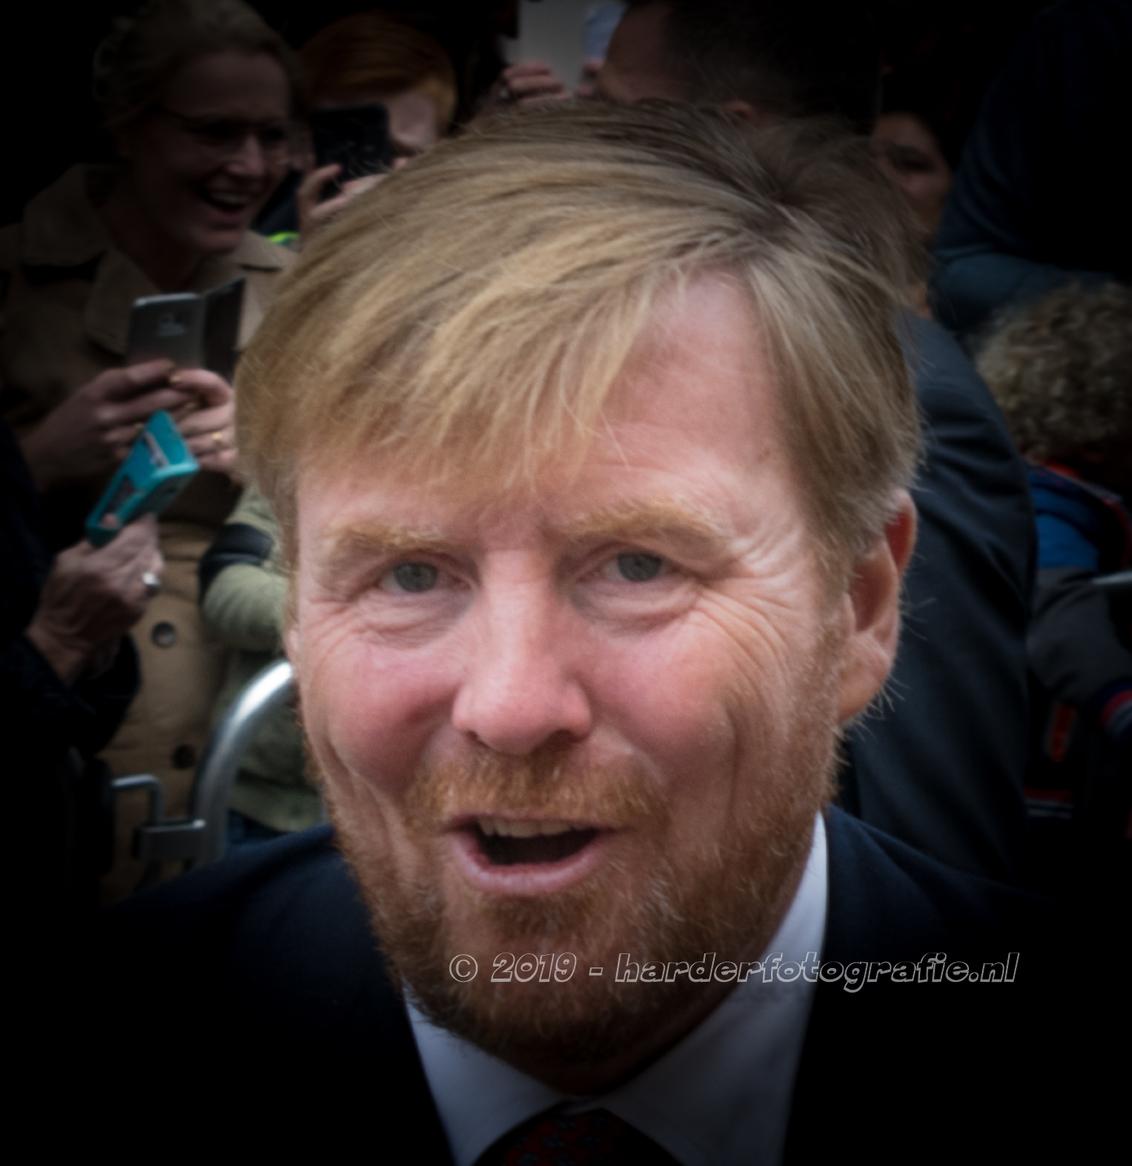 Oogcontact - Oogcontact - Koning Willem-Alexander bracht samen met Koningin Máxima een bezoek aan Meppel. Vele handen werden geschud. En als je dan tussen het pub - foto door deharder op 21-09-2019 - deze foto bevat: man, straat, koning, meppel, Willem Alexander